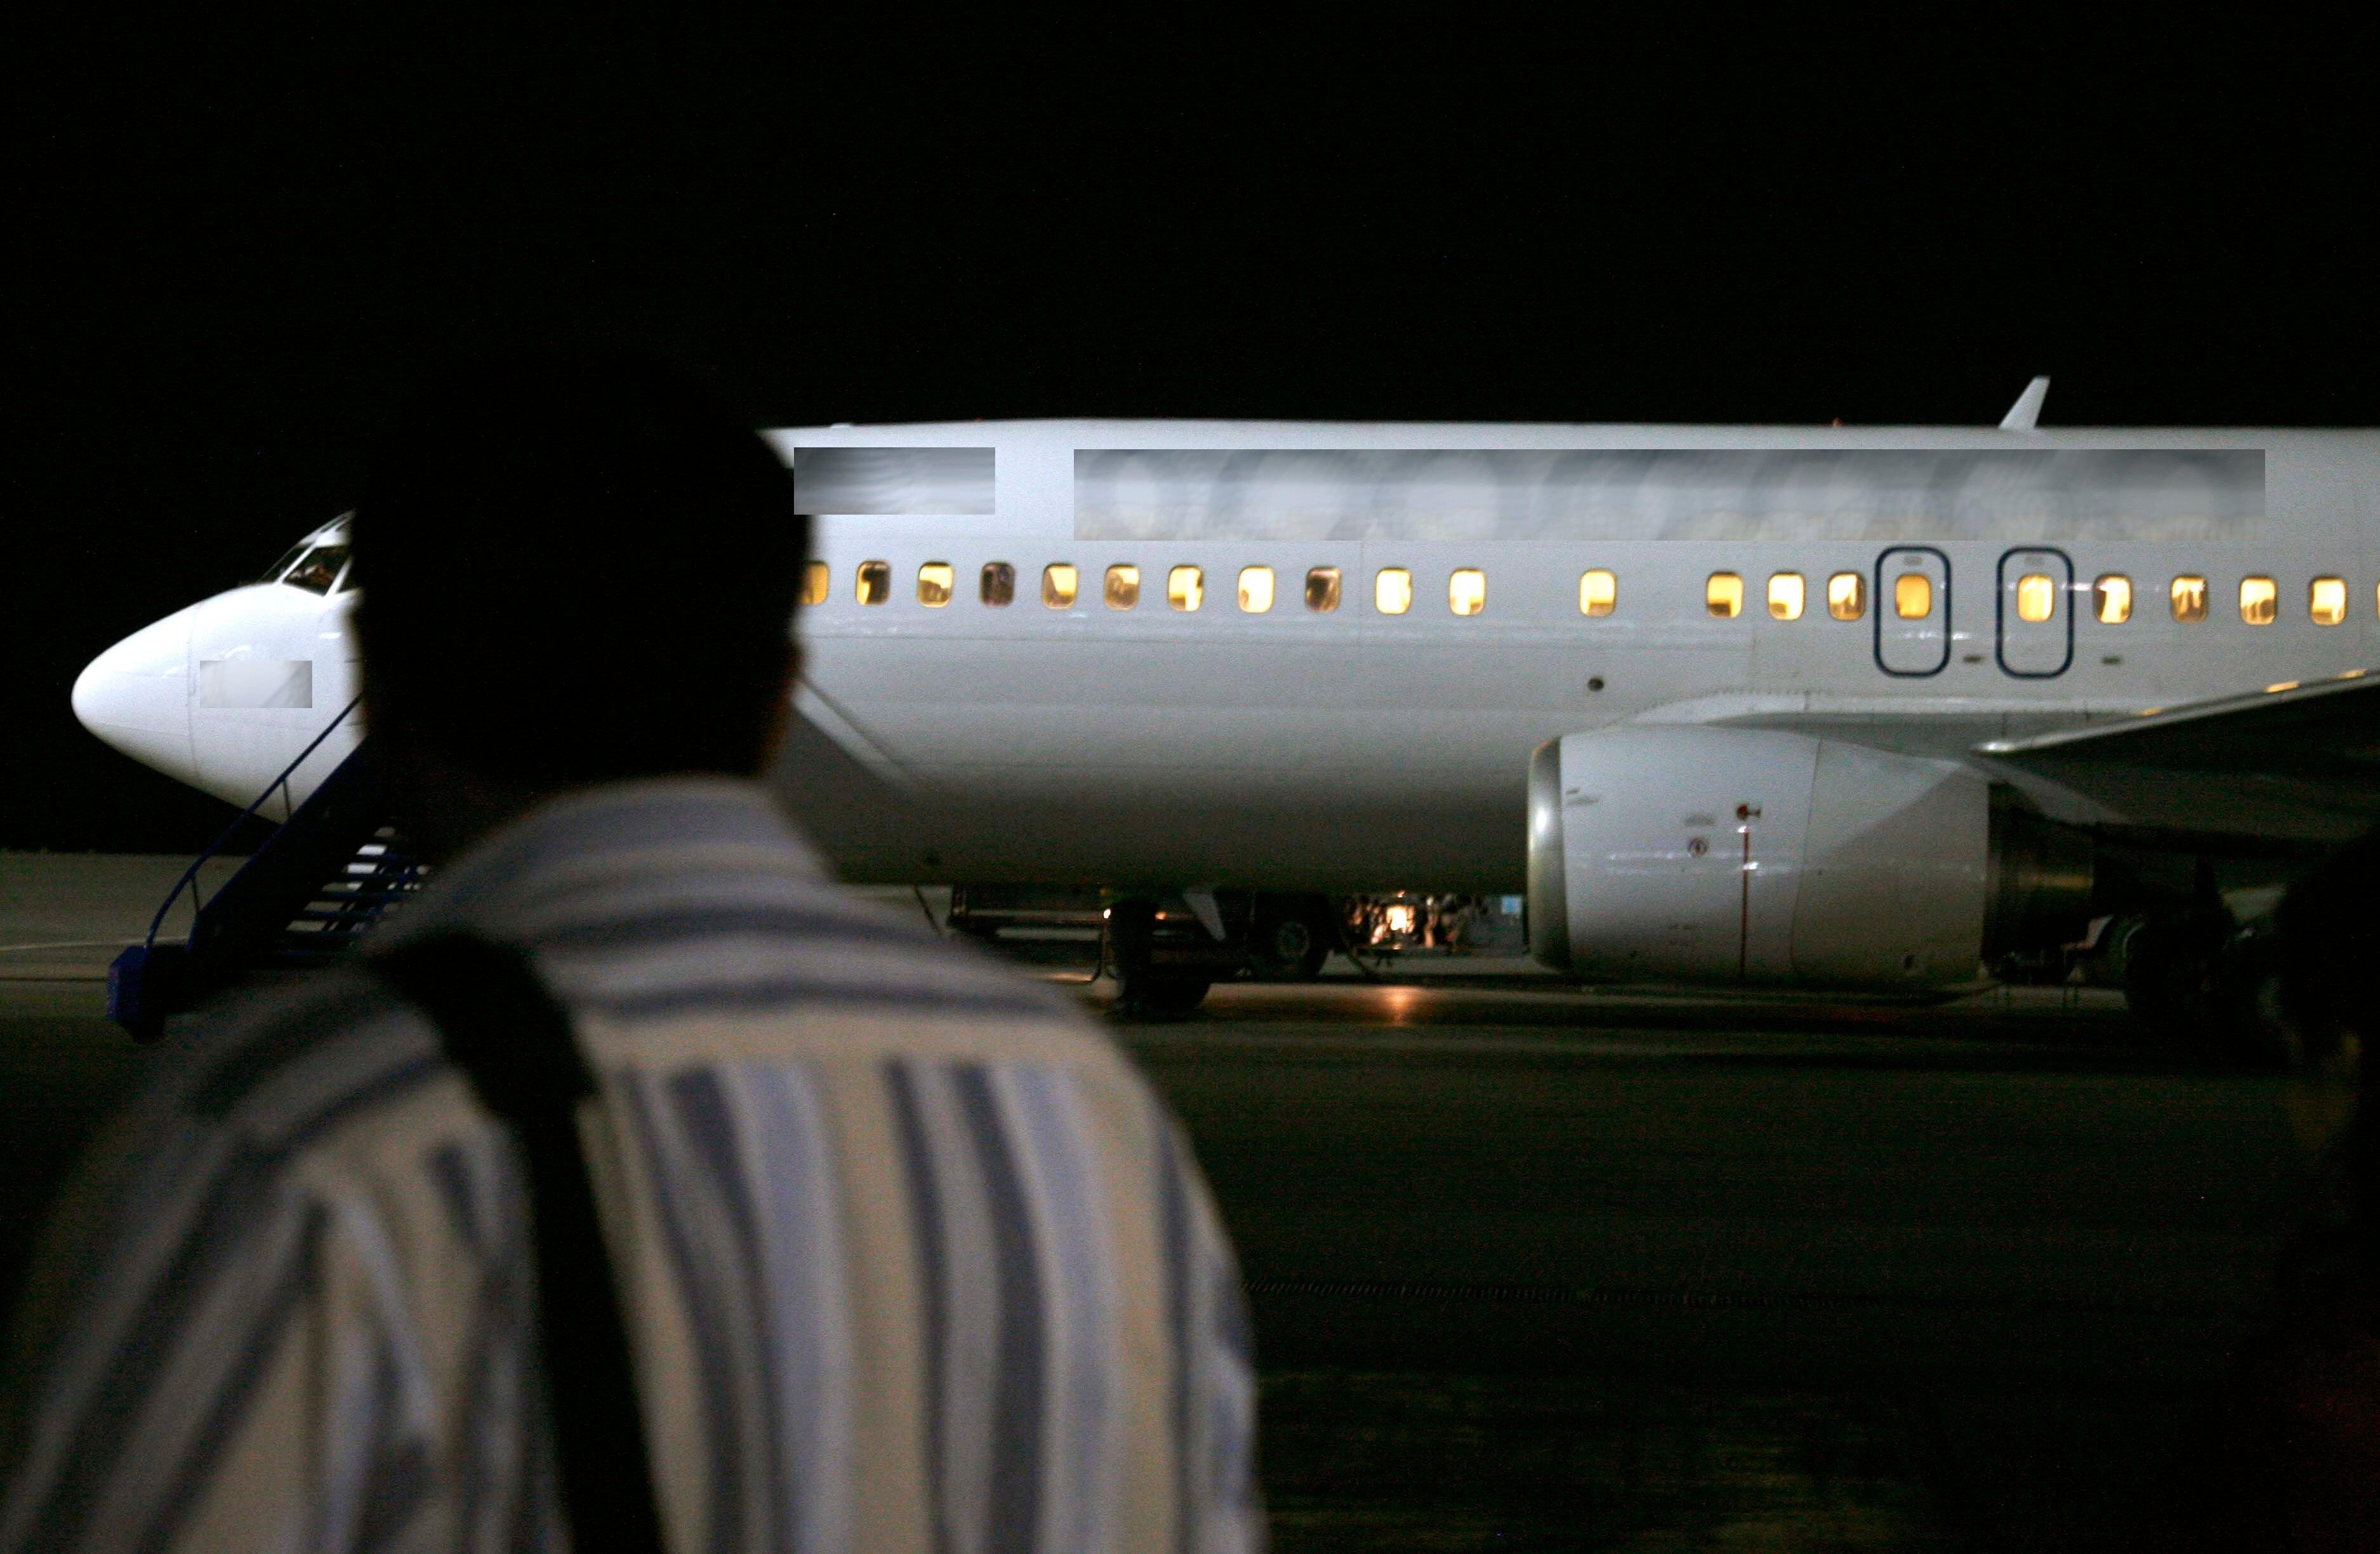 Ηράκλειο: Σοβαρό πρόβλημα με τα ανεμόμετρα στο αεροδρόμιο!